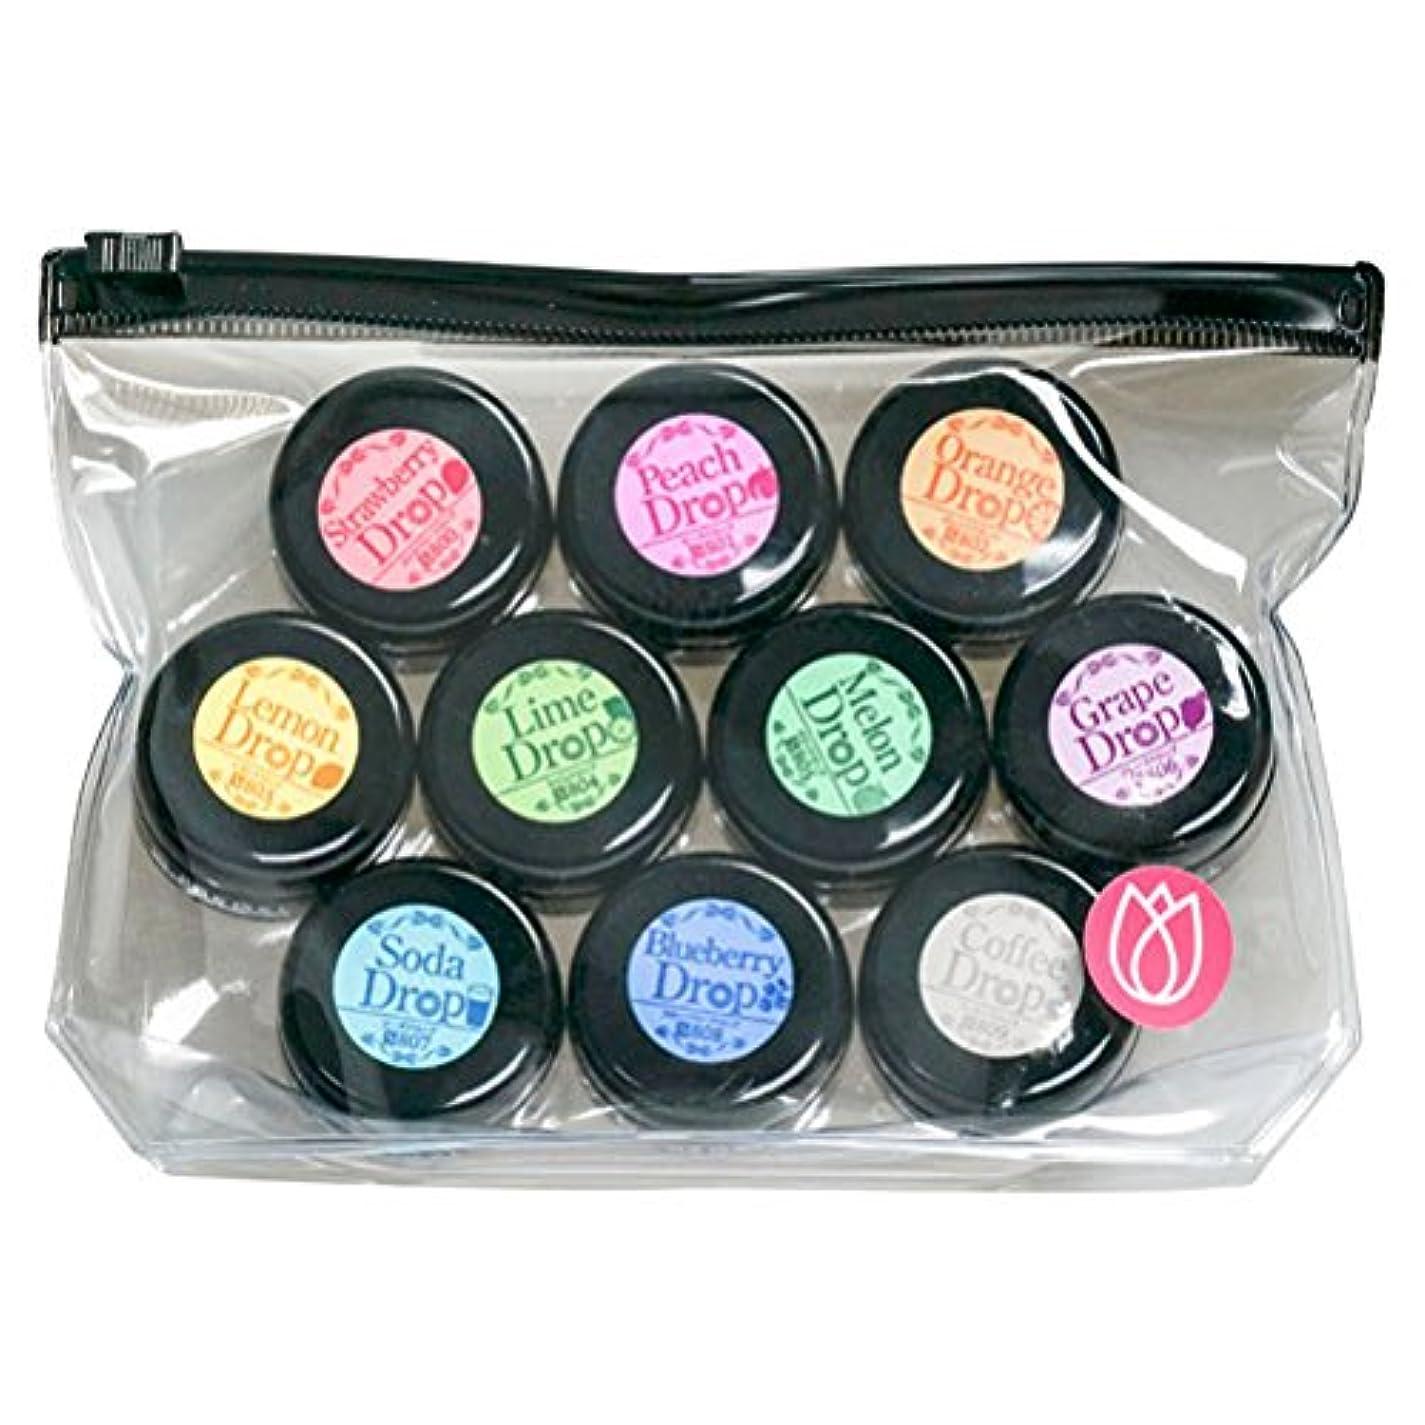 予防接種心理的に猛烈なプリジェル ジェルネイル スーパーカラーEXドロップシリーズ10色セット UV/LED対応 3g×10色